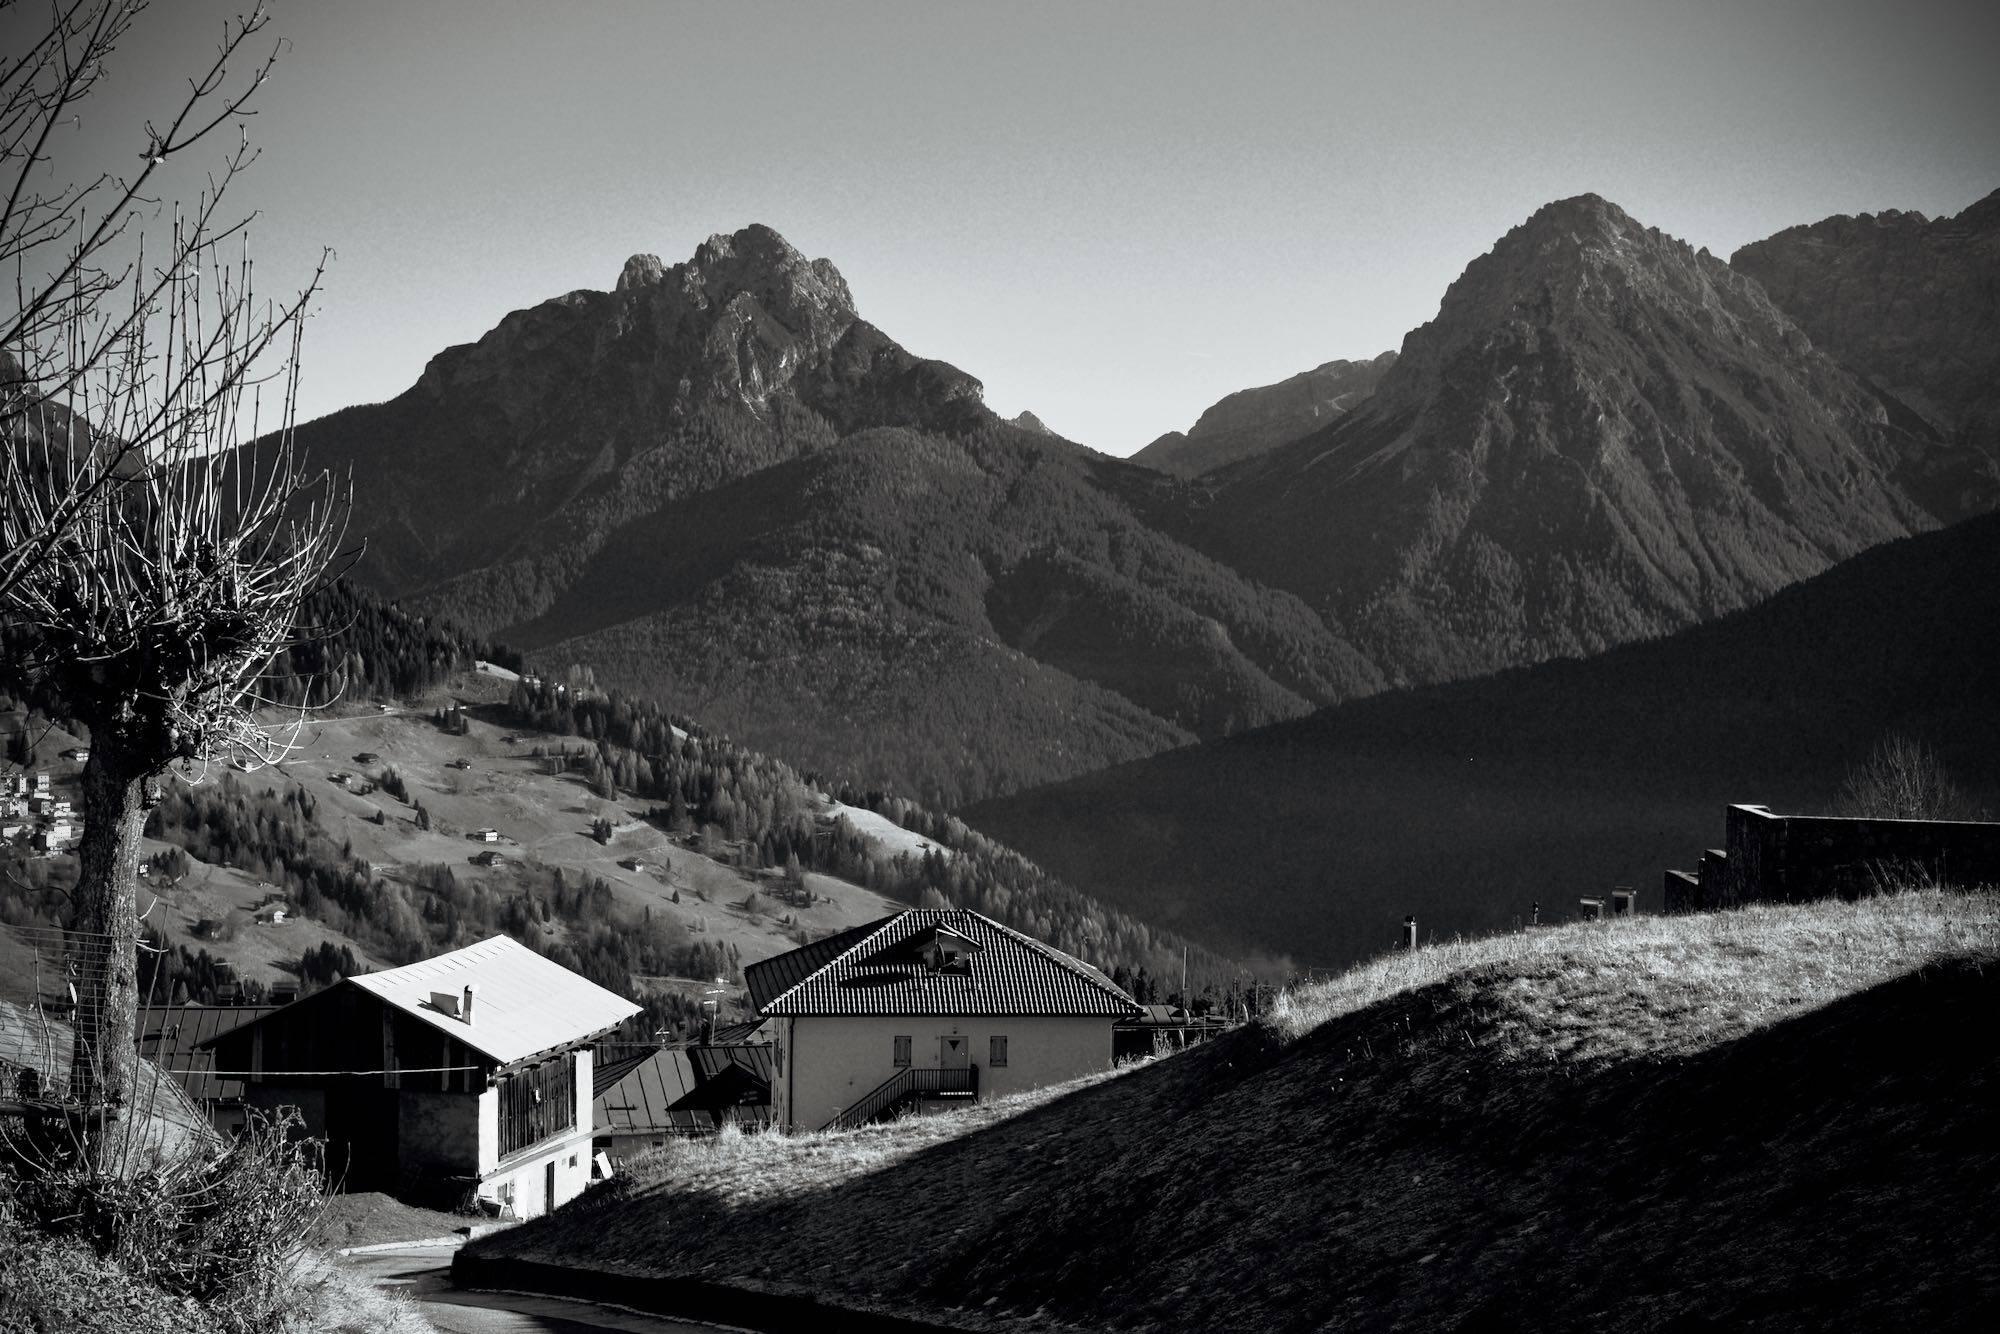 Massimiliano Scarpa_- photographer_Danta_comelico superiore_2015